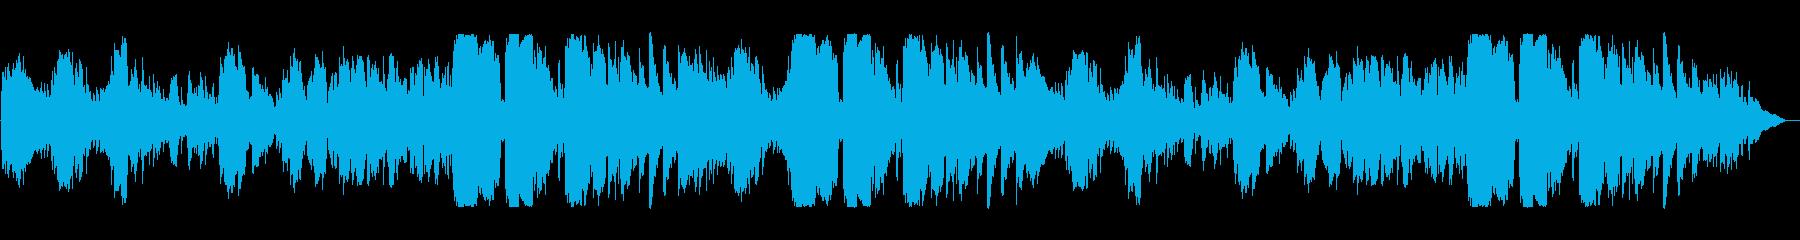 ケルト センチメンタル 感情的 静...の再生済みの波形